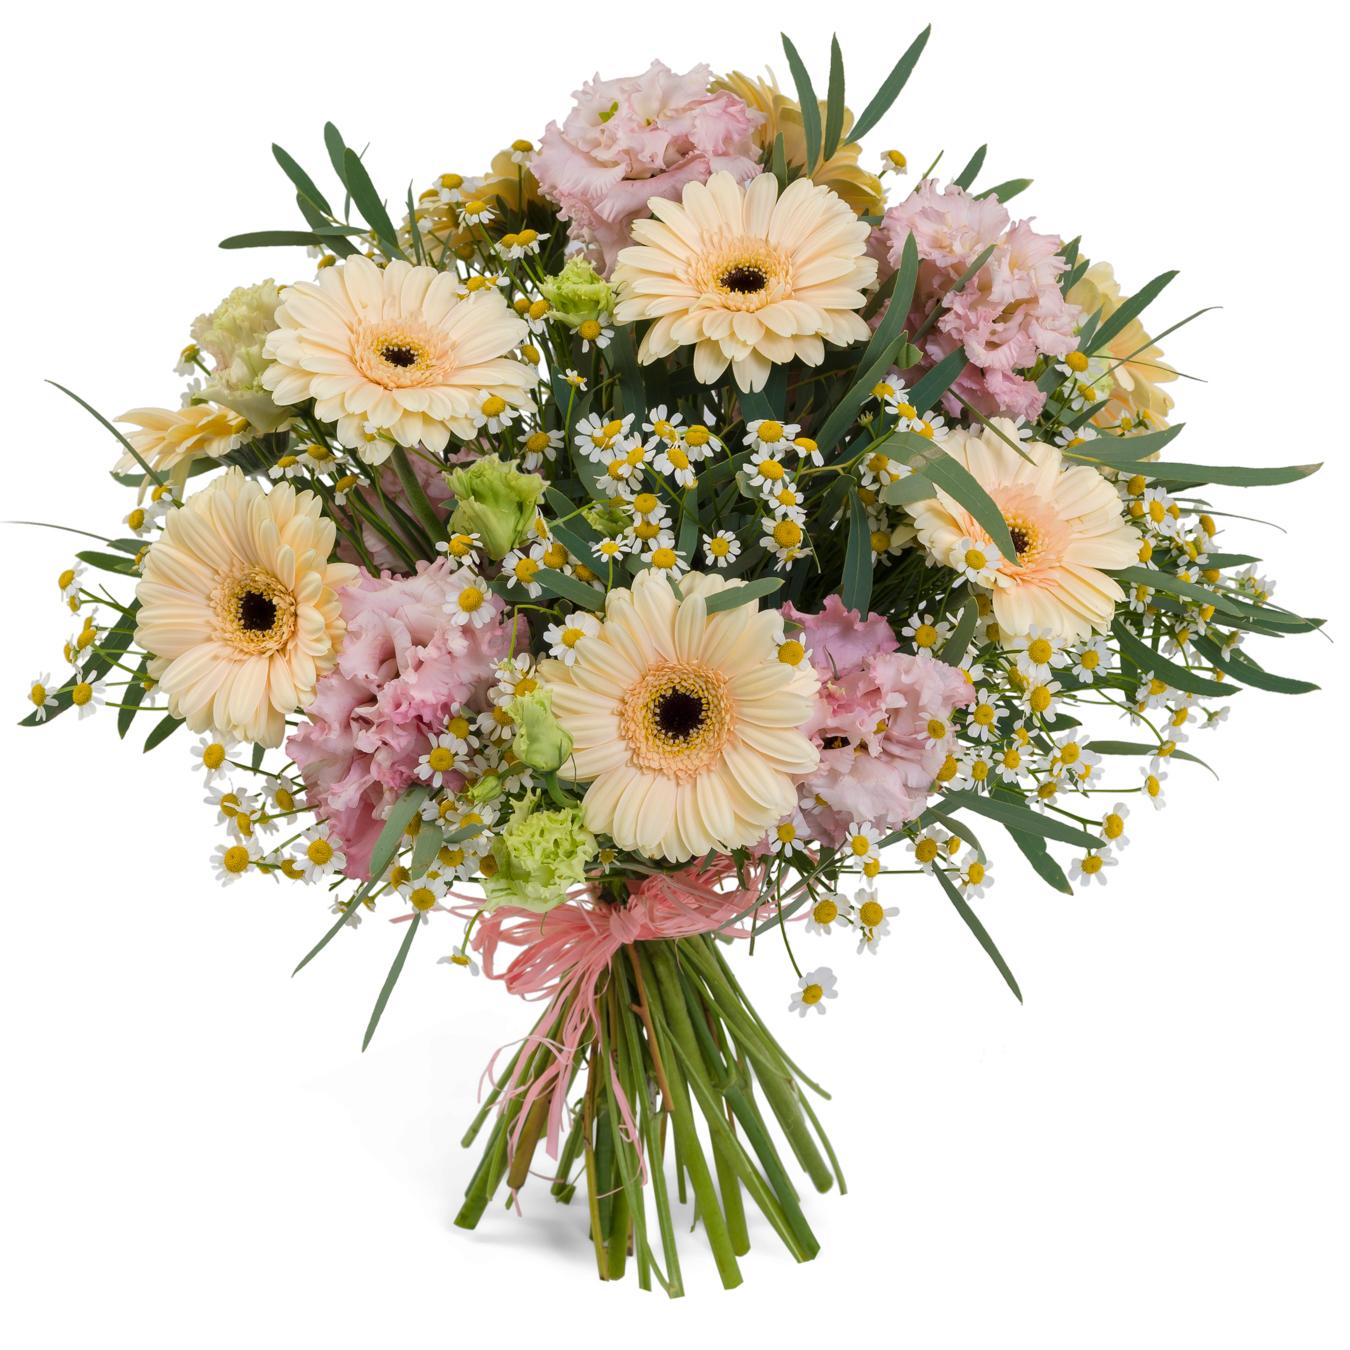 Авторский букет цветов Ванильное небо sinix sinix 2067 n